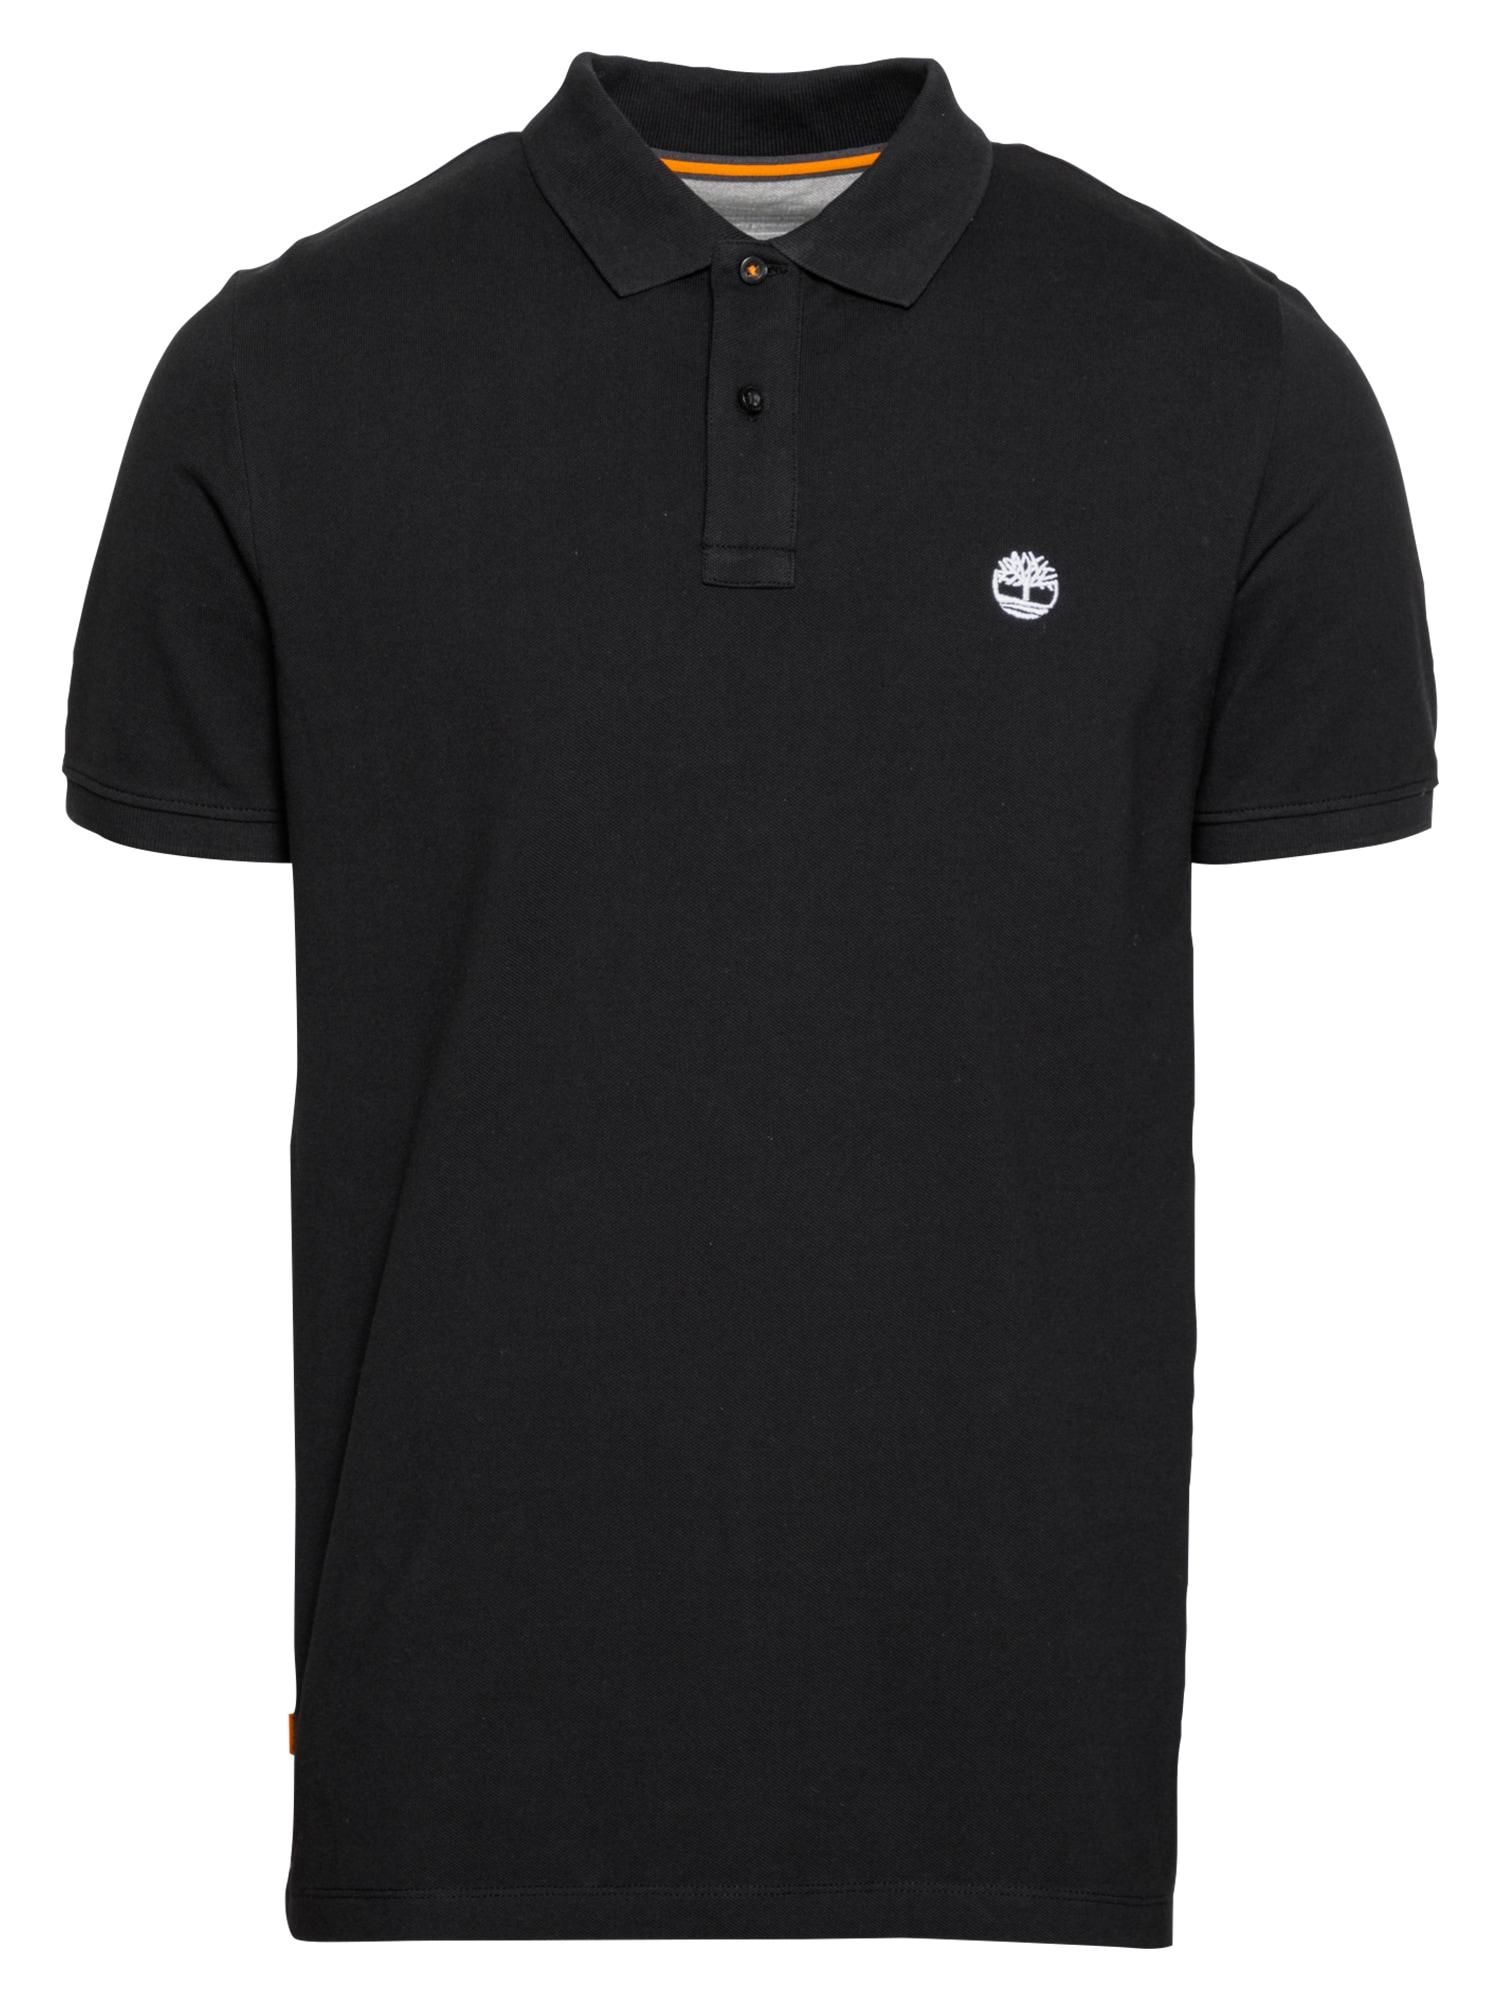 TIMBERLAND Marškinėliai juoda